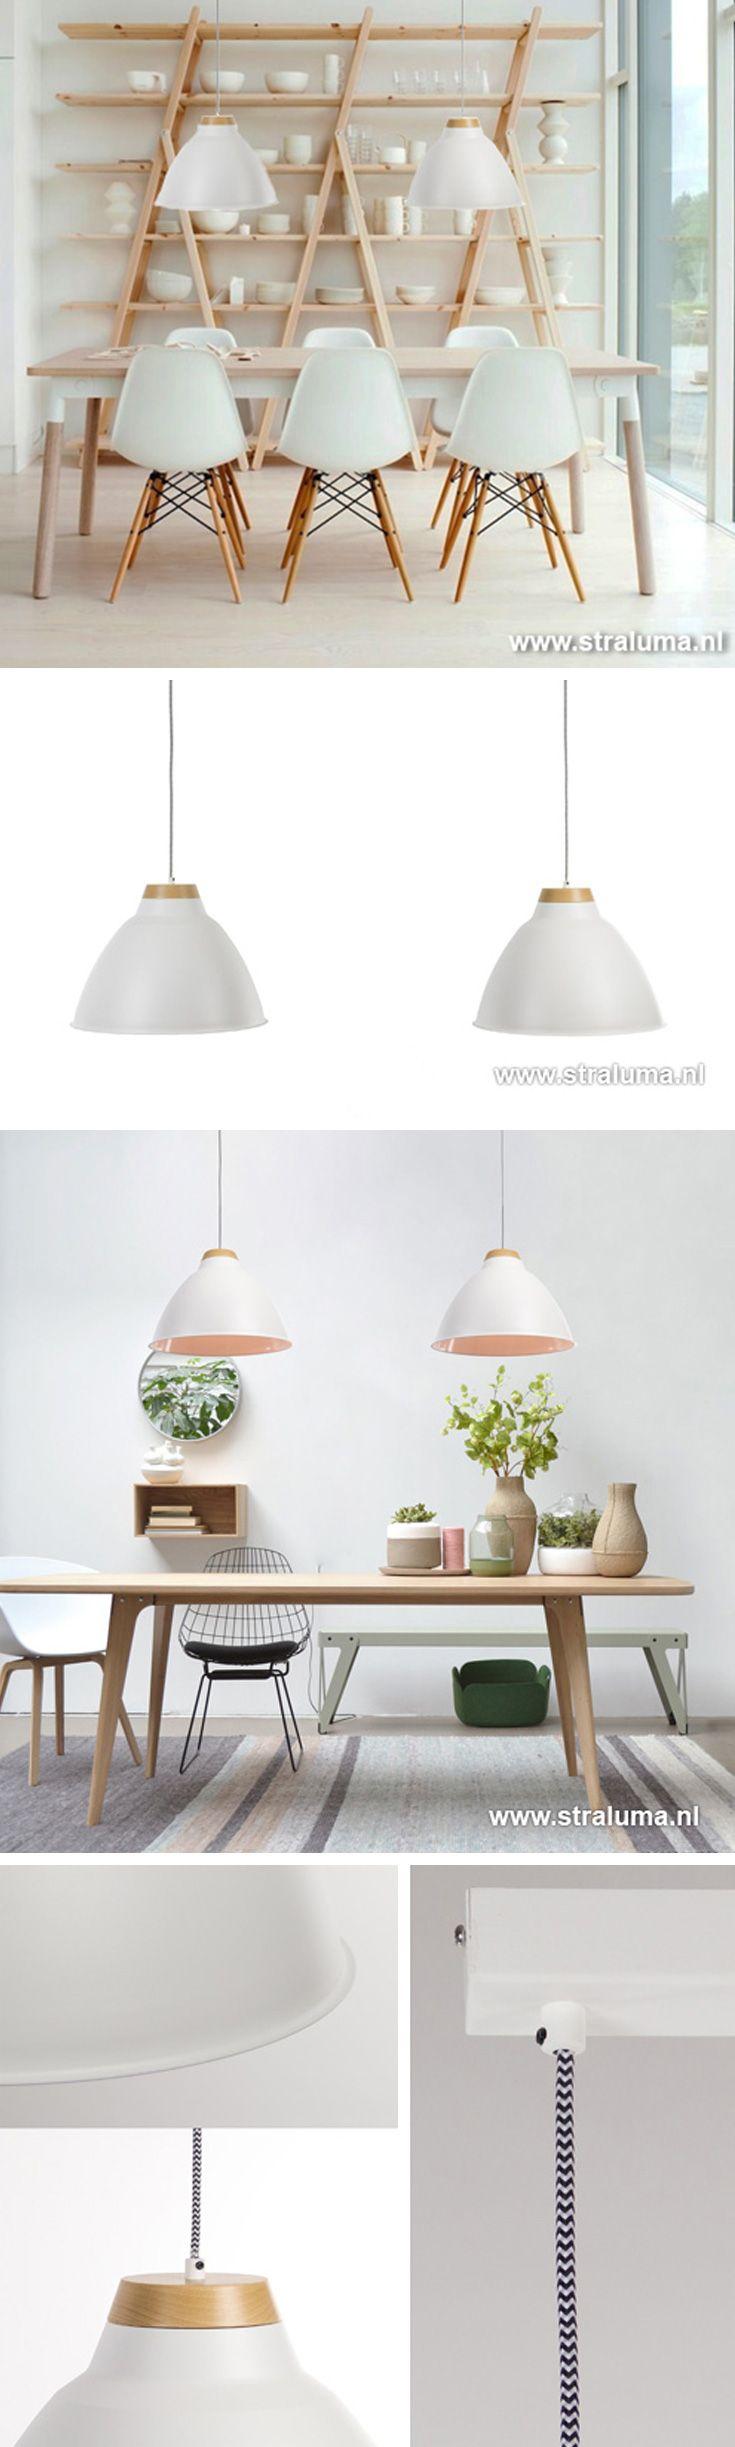 Heel populair zijn twee lampen boven de eettafel. Dit maakt de twee-lichts hanglamp de ideale lamp boven de eettafel. In de komende dagen enkele hele mooie exemplaren.  We beginnen direct goed met een topper! Deze prachtige lamp heeft aan de bovenzijde een mooi detail van echt hout, is mat wit en werkelijk een plaatje ... toch?  12480070